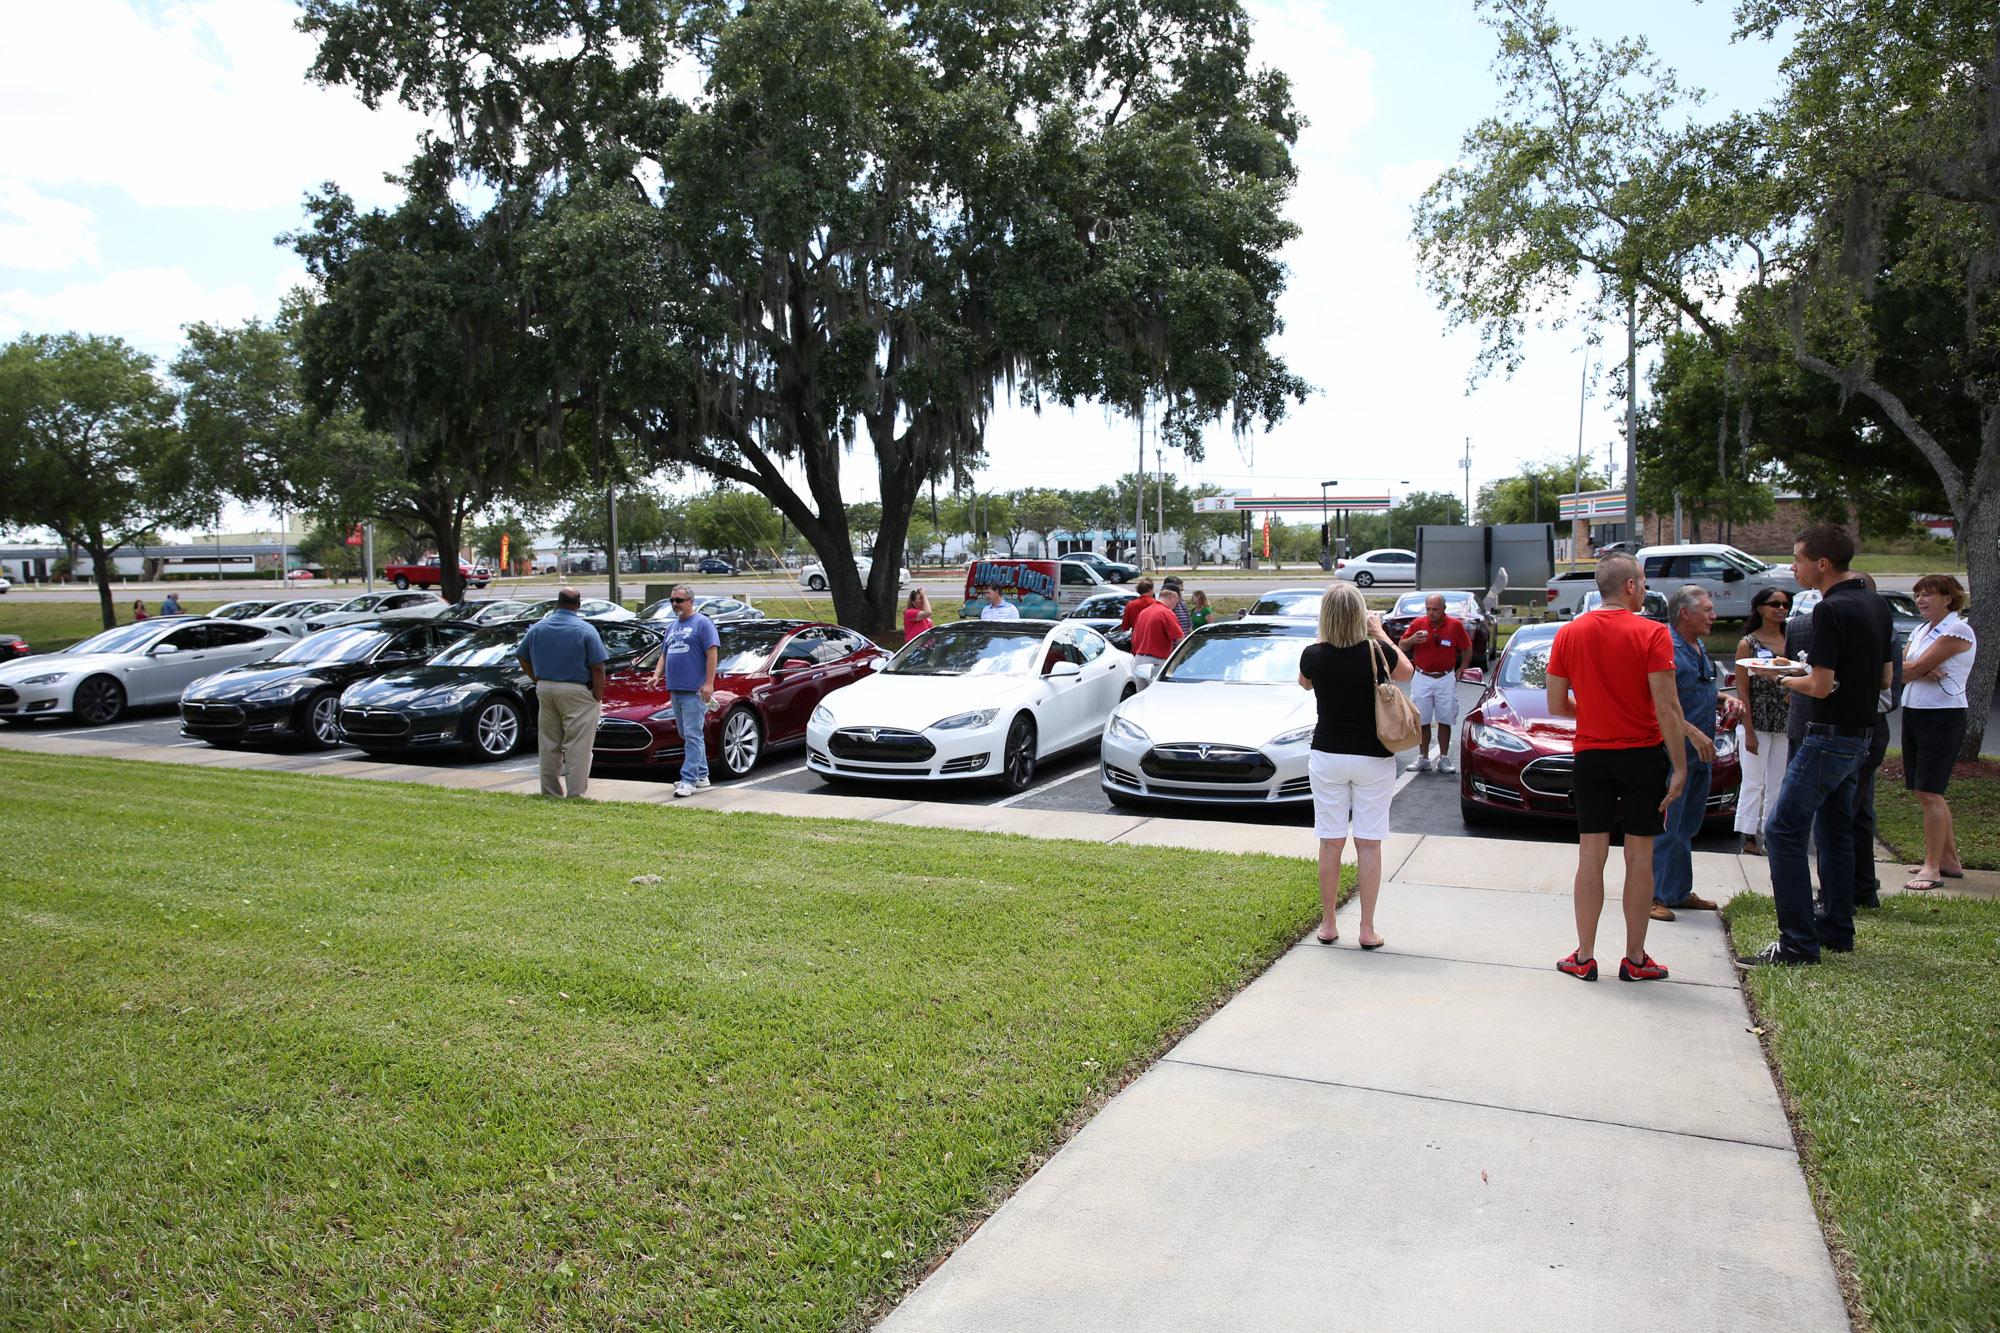 TeslaMotorsClub_Tampa_28APR13_0075.jpg